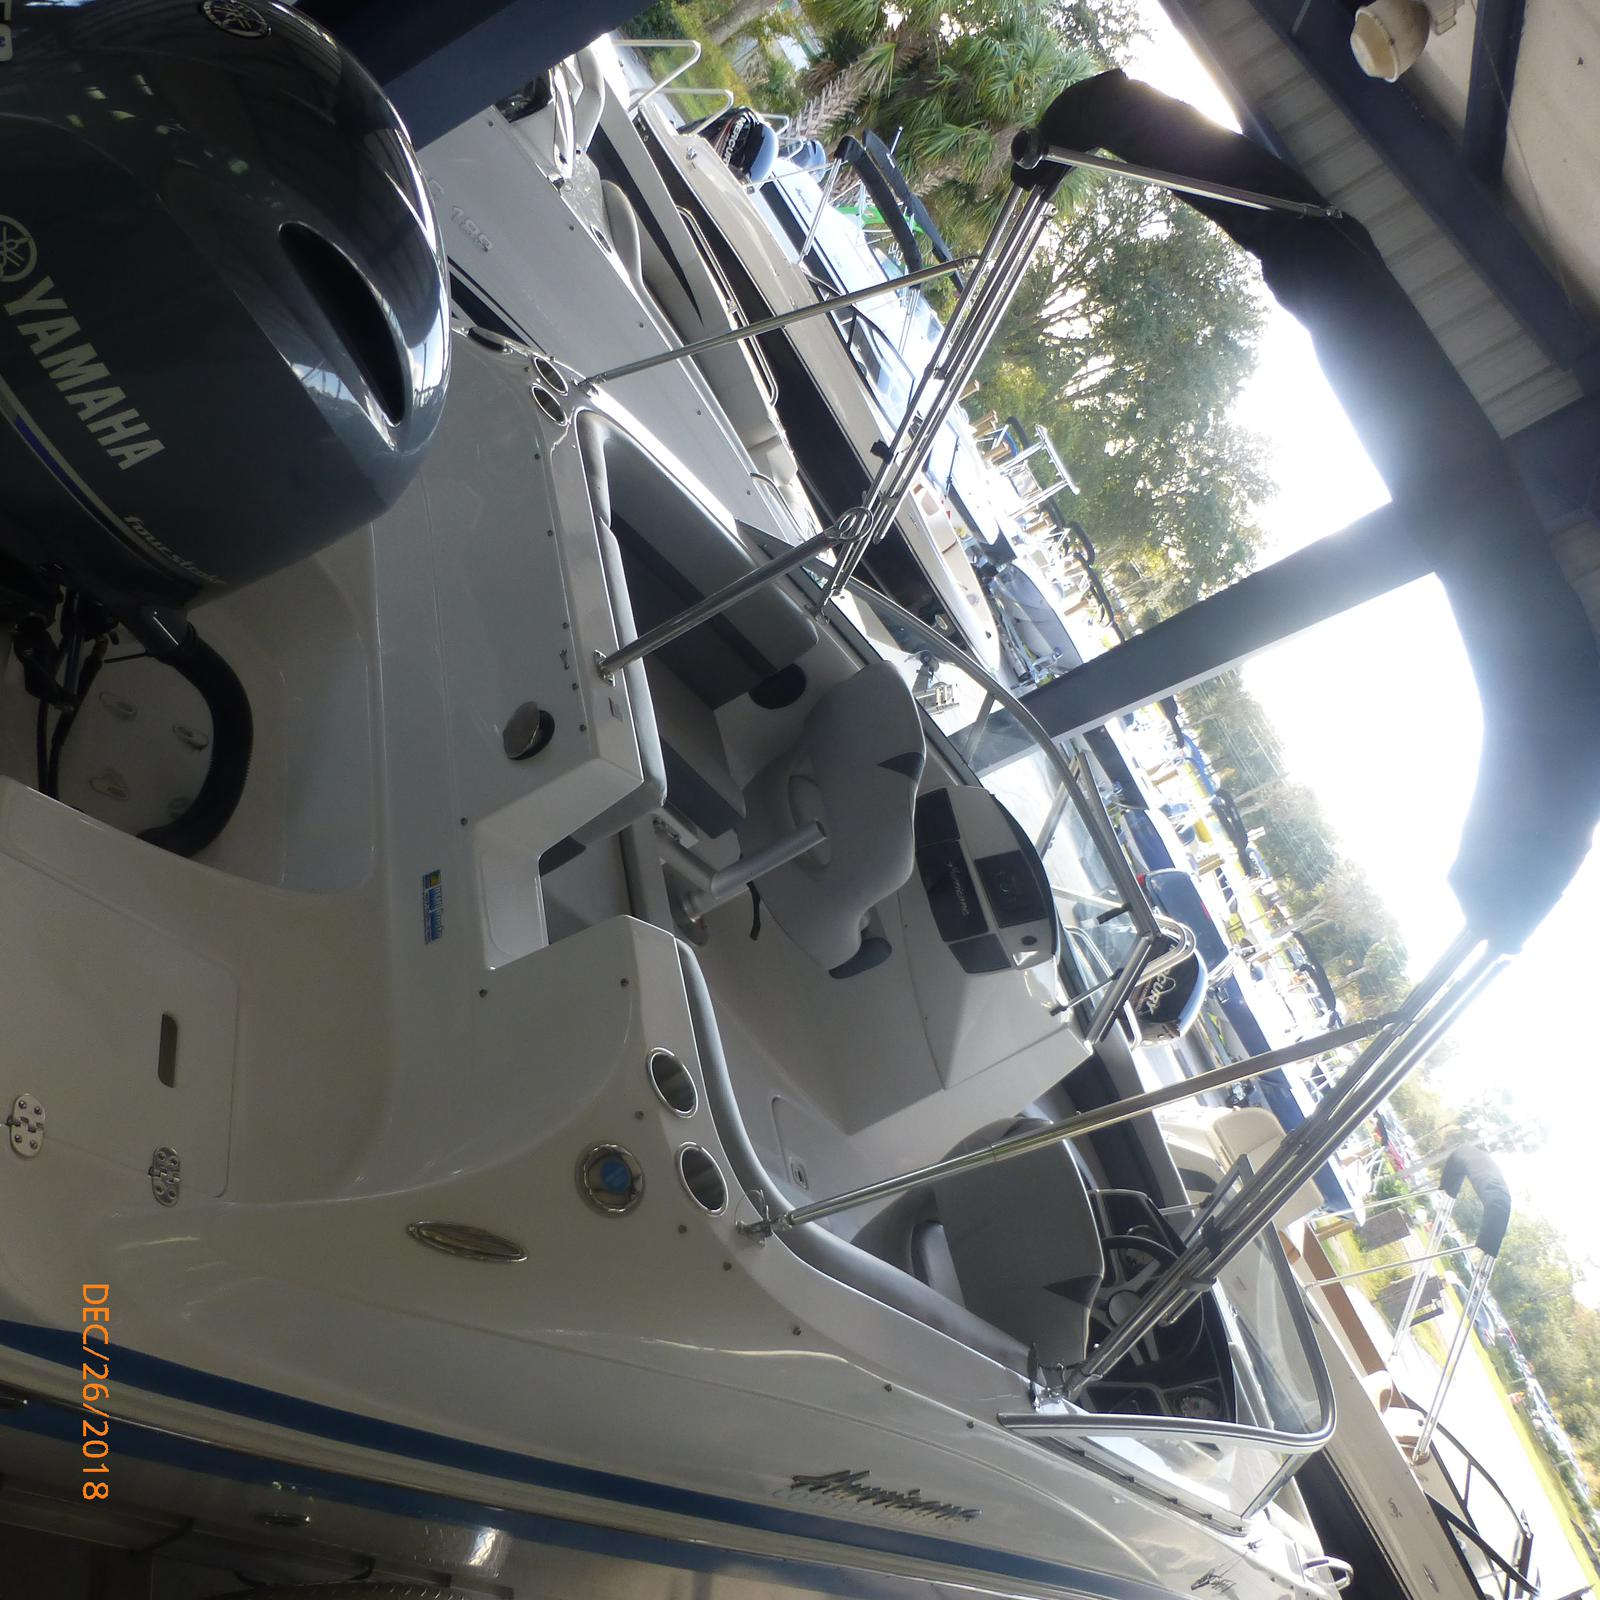 Hurricane SD 191 OB